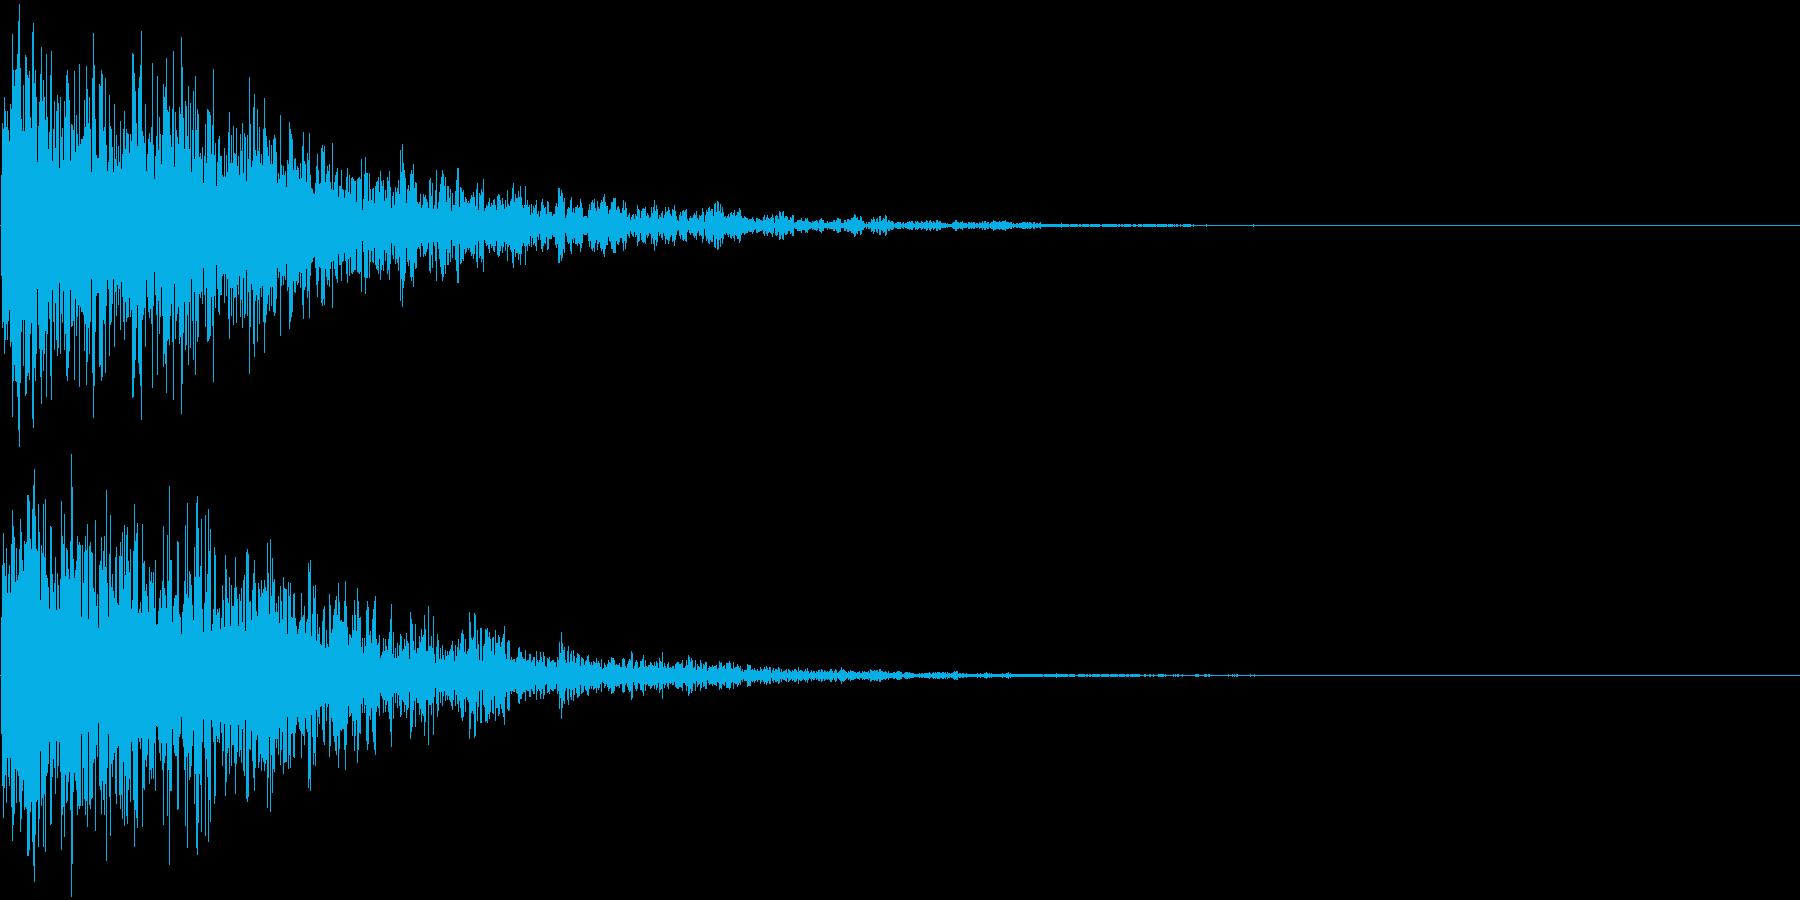 【映画】SFX_04 ダンッ!! 衝撃音の再生済みの波形